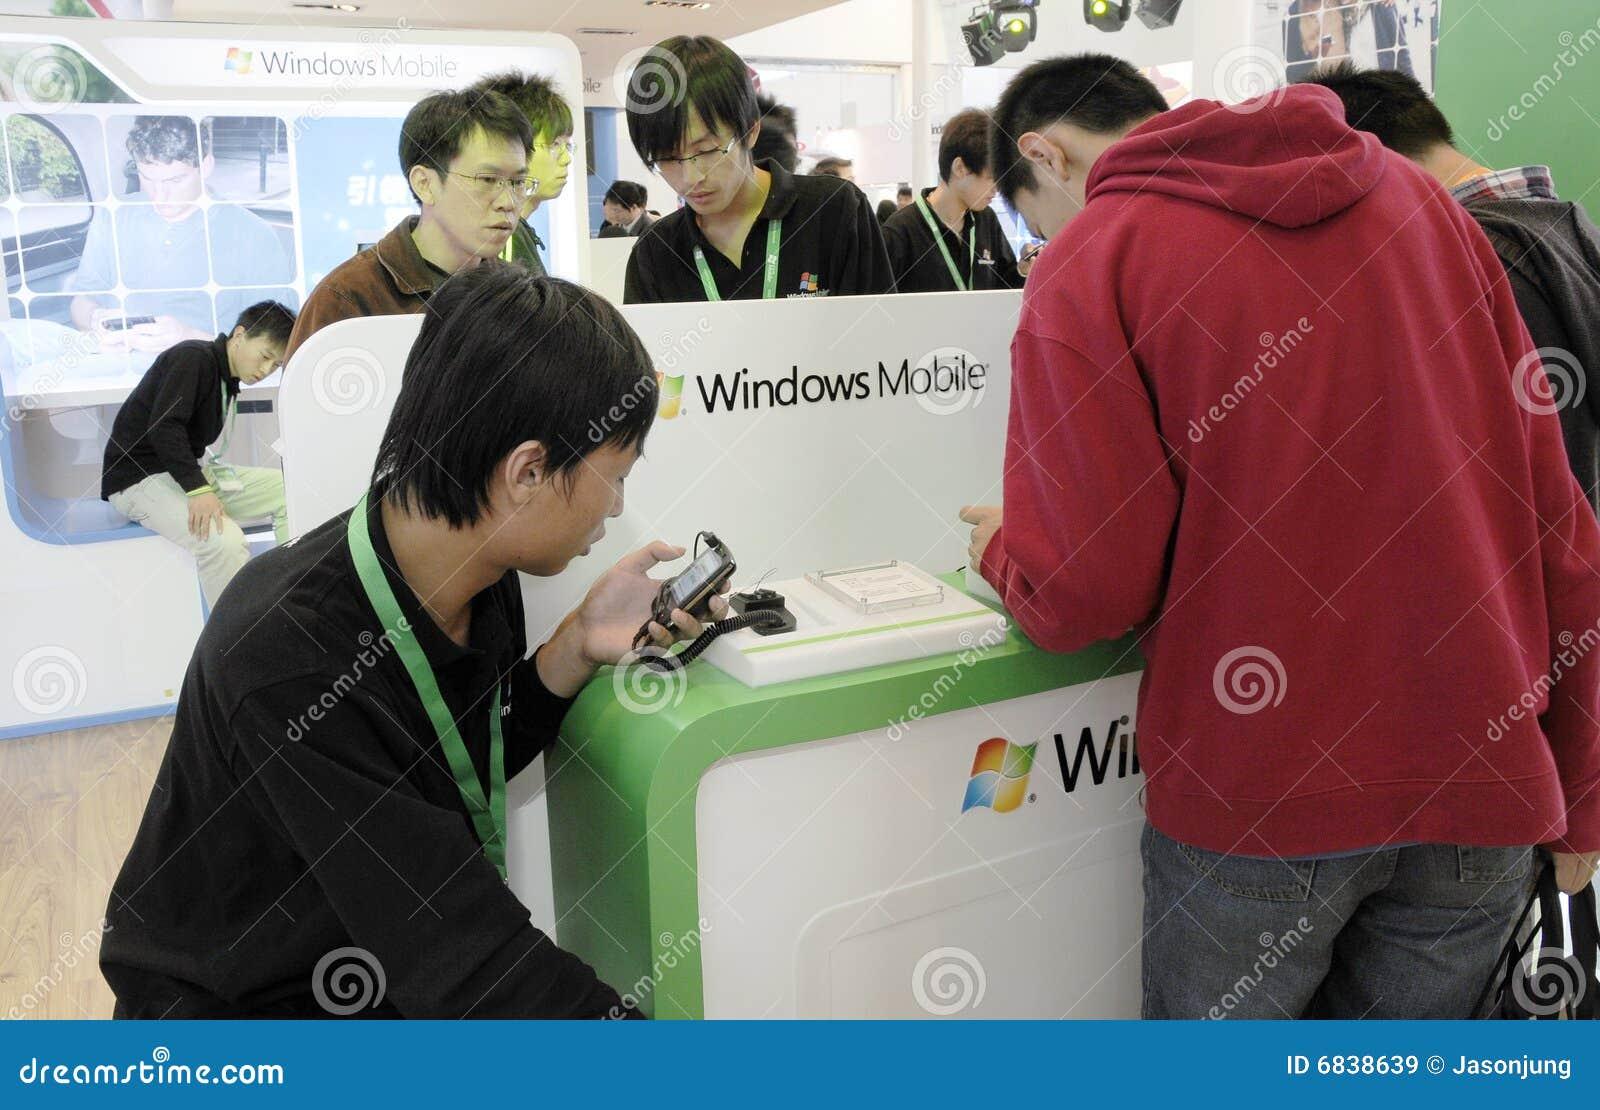 客户经验Windows Mobile新的版本